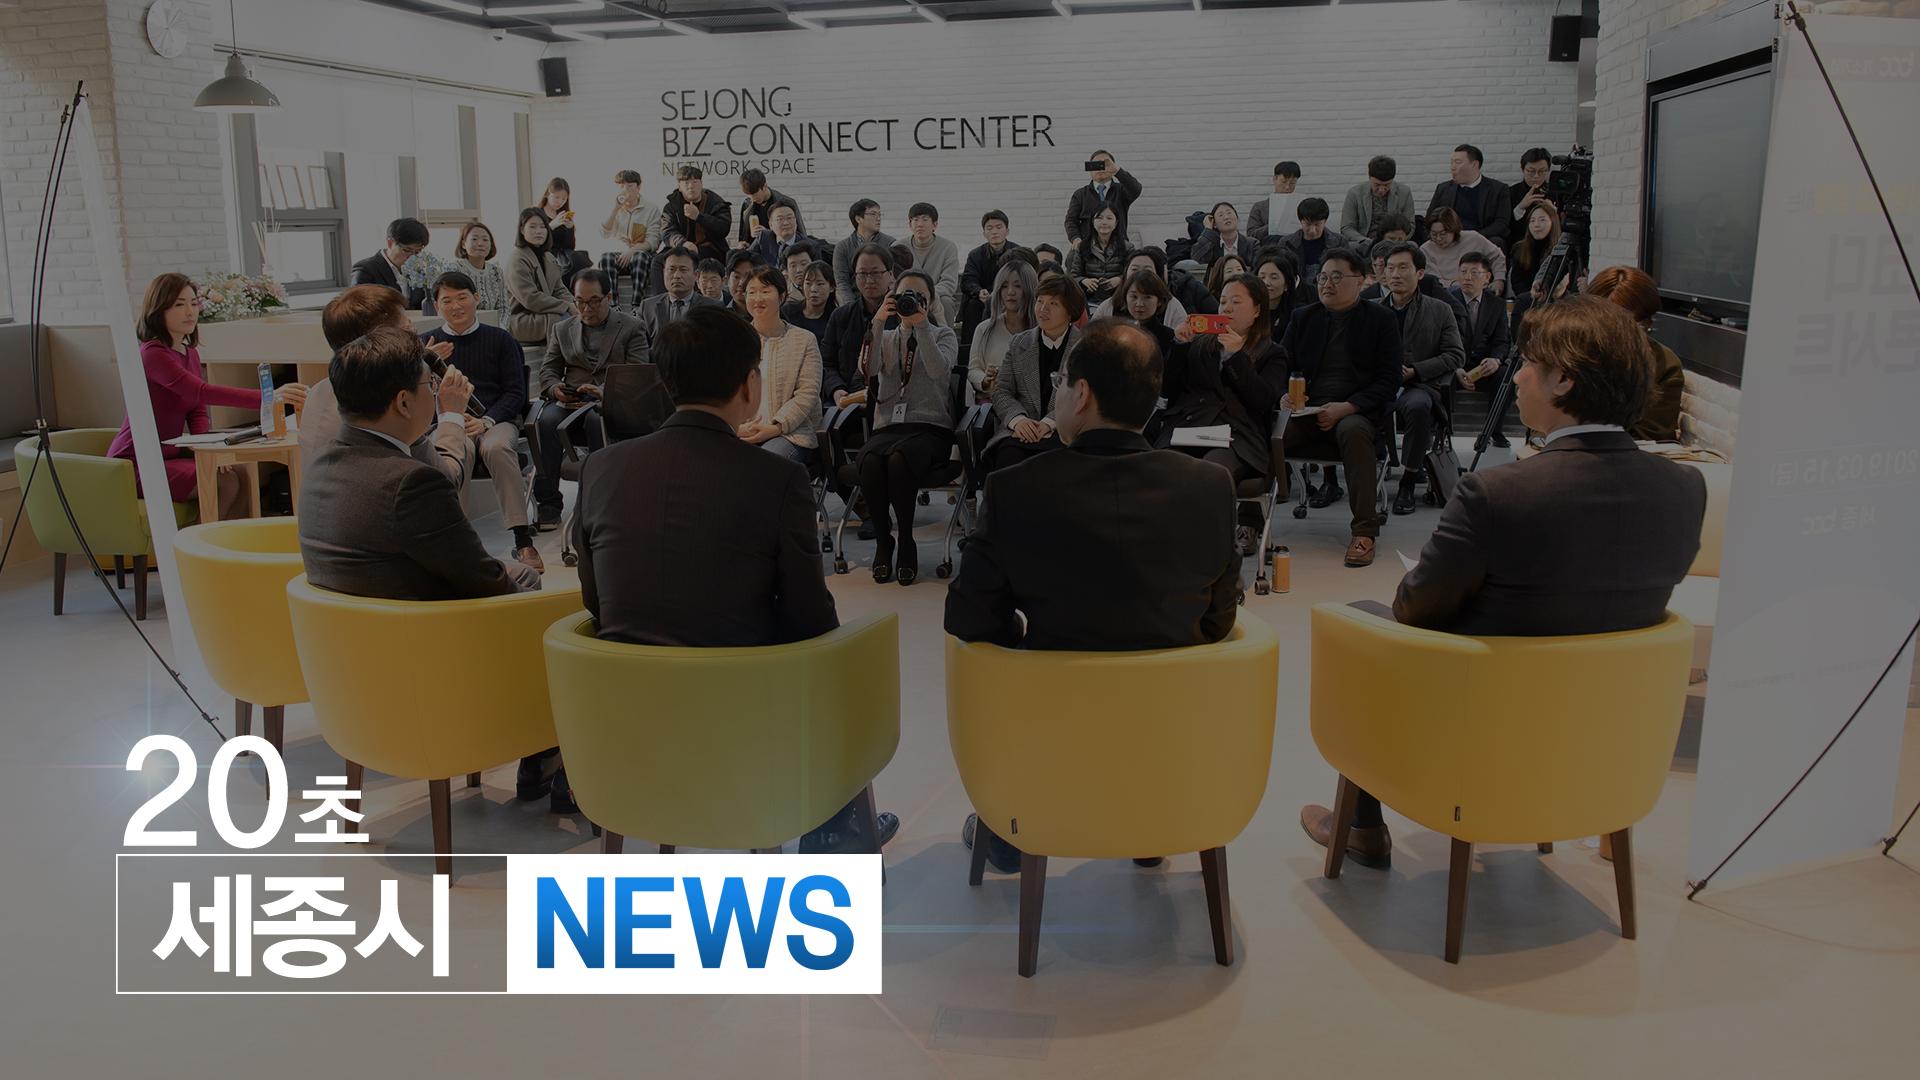 <20초뉴스> 세종비즈커넥트센터 개소…기업 혁신성장 지원